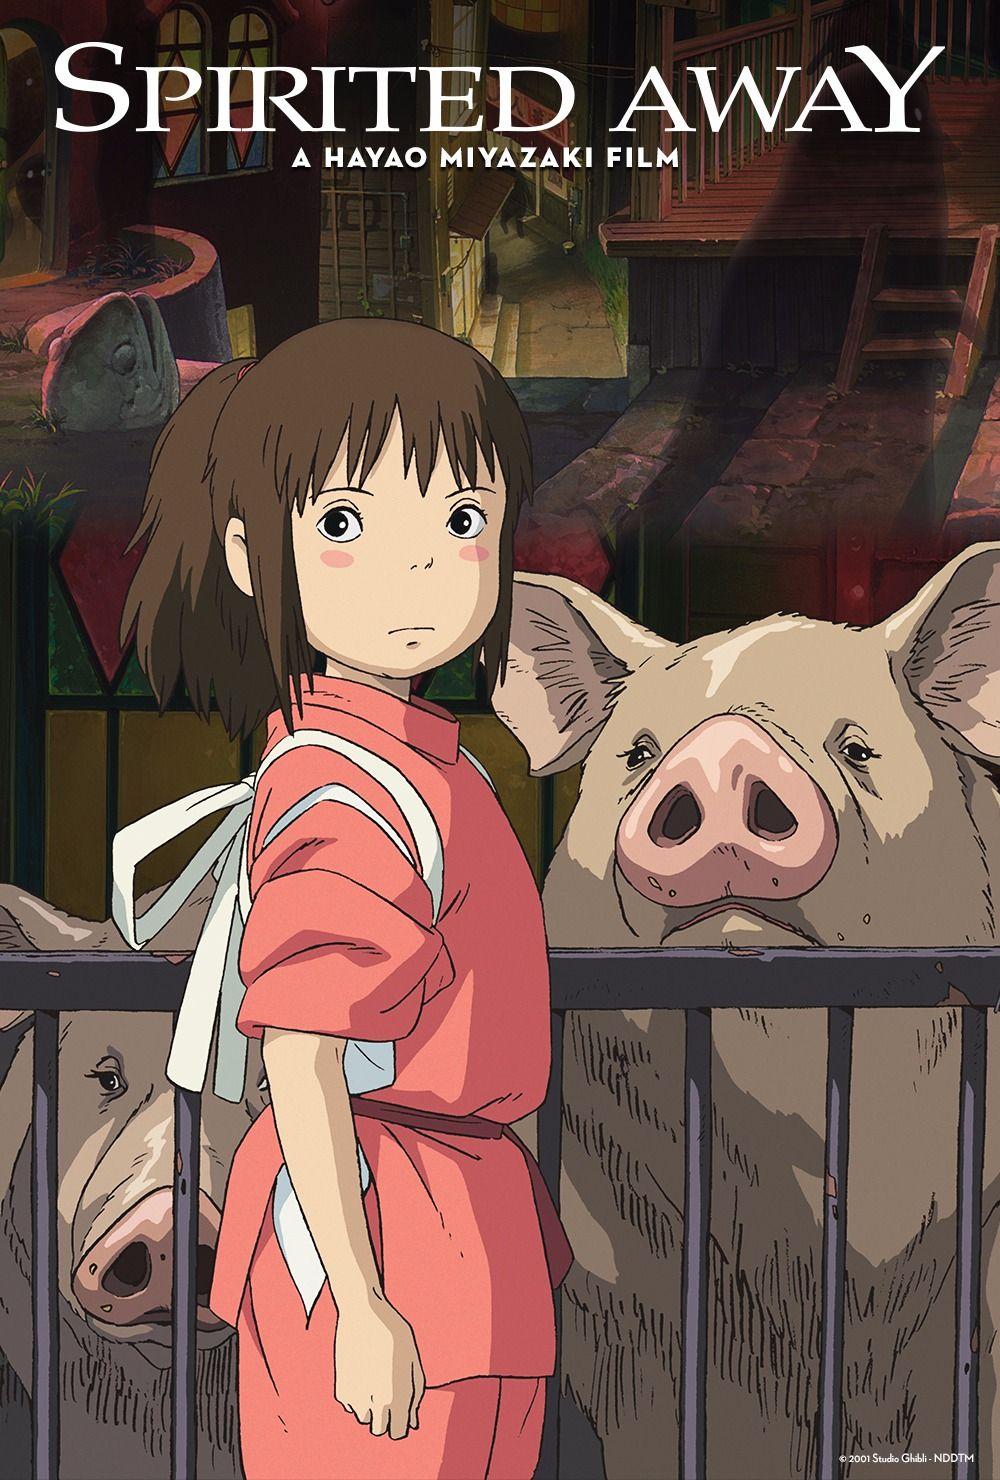 Spirited Away Für Die Kinder Studio Ghibli Movies Studio Ghibli